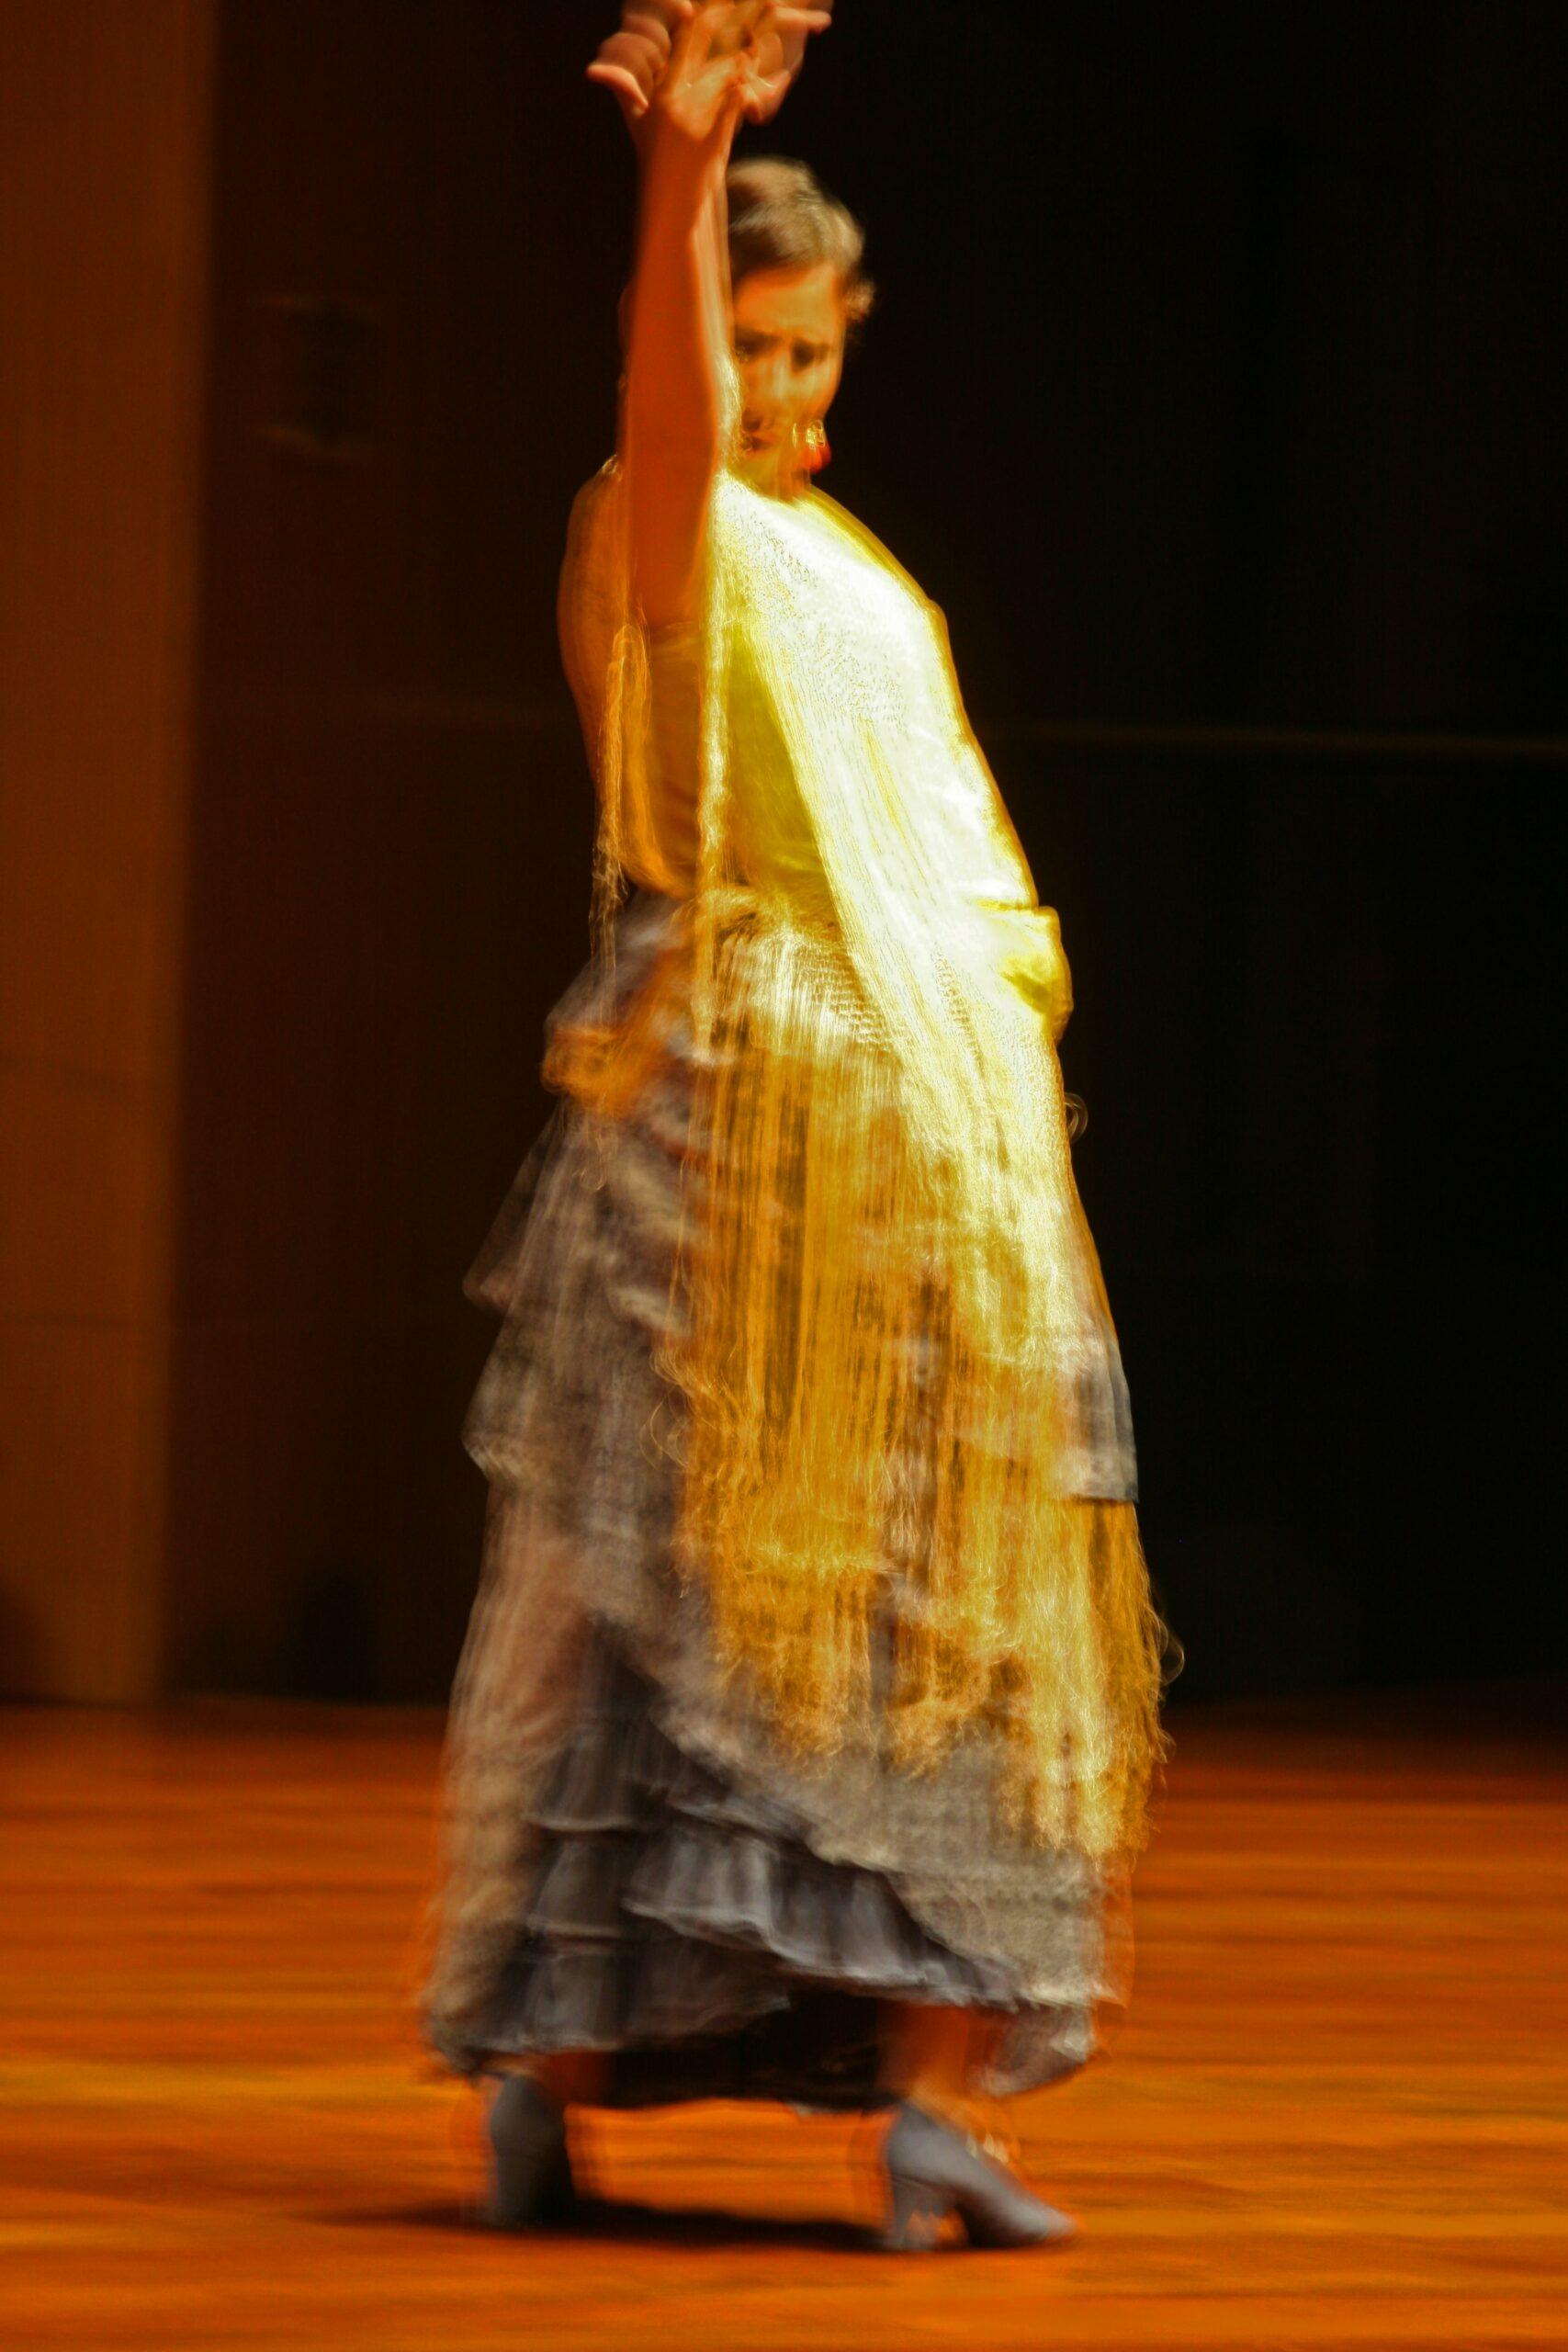 une femme dansant le flamenco, musique traditionnelle d'Espagne